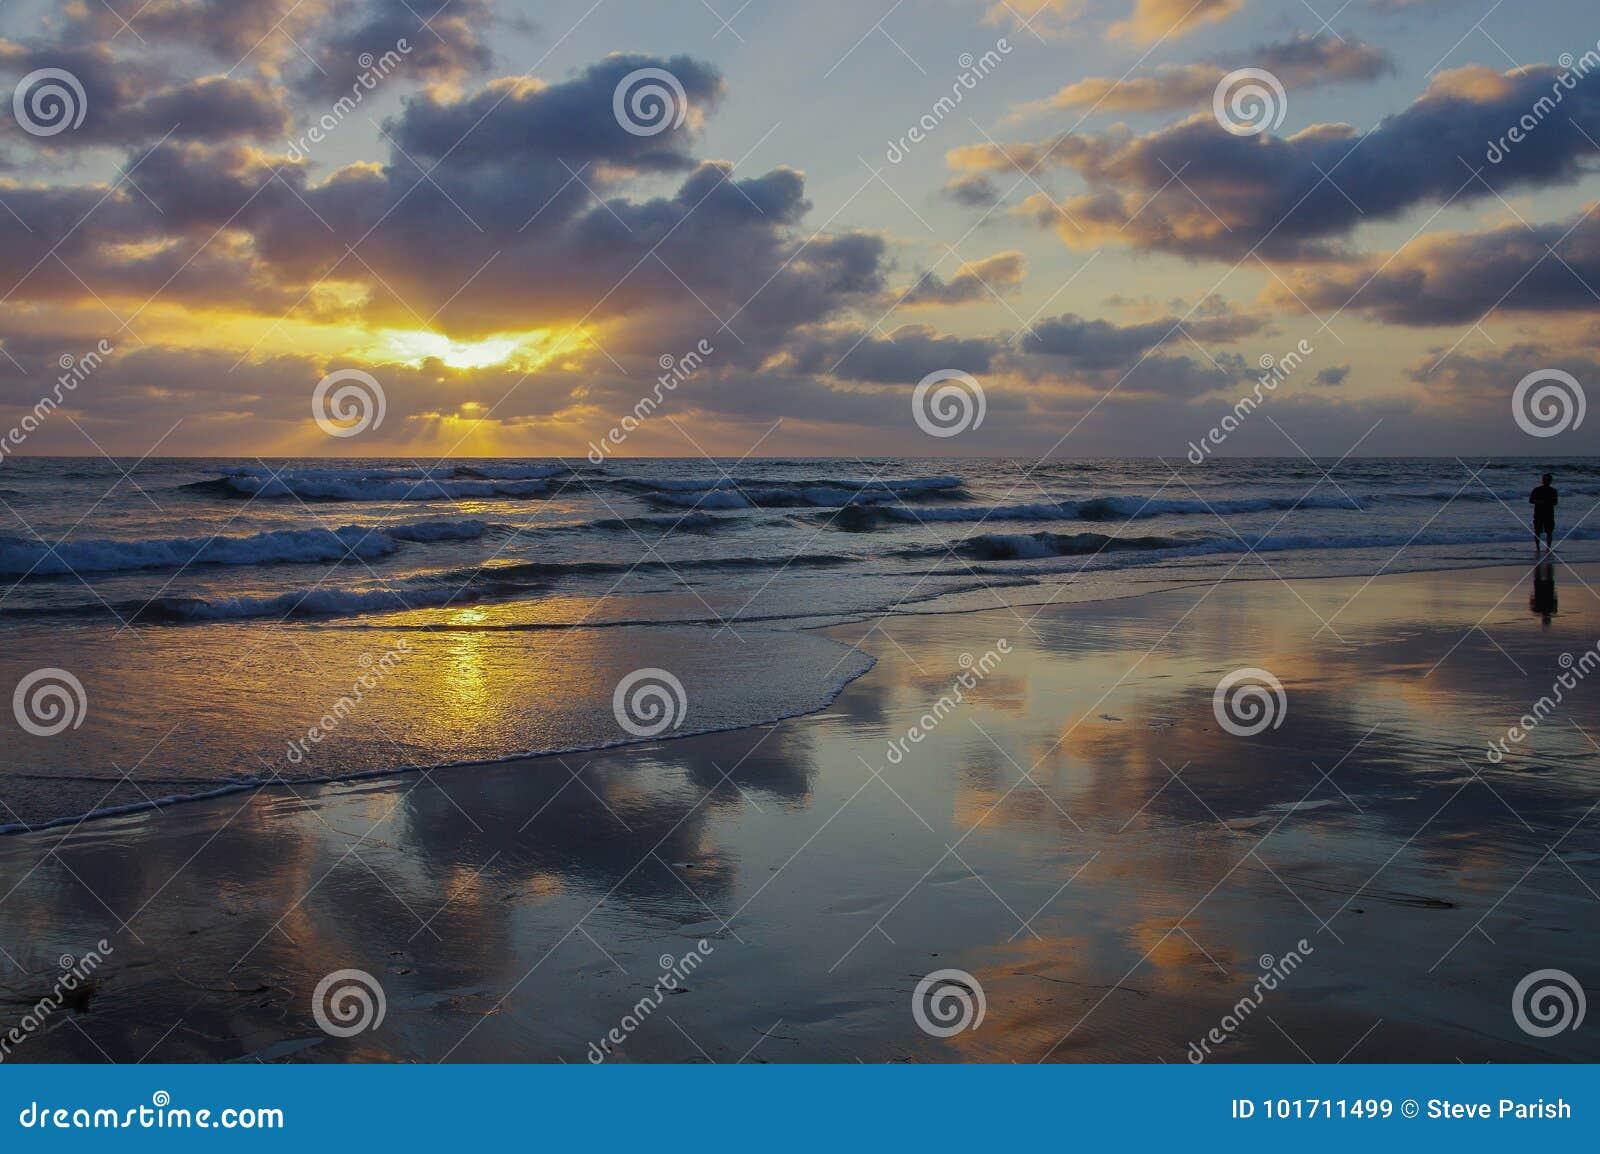 Panoramische Szene des Ozeansonnenuntergangs mit Wolken dachte über nassen die watende Strand und Person nach